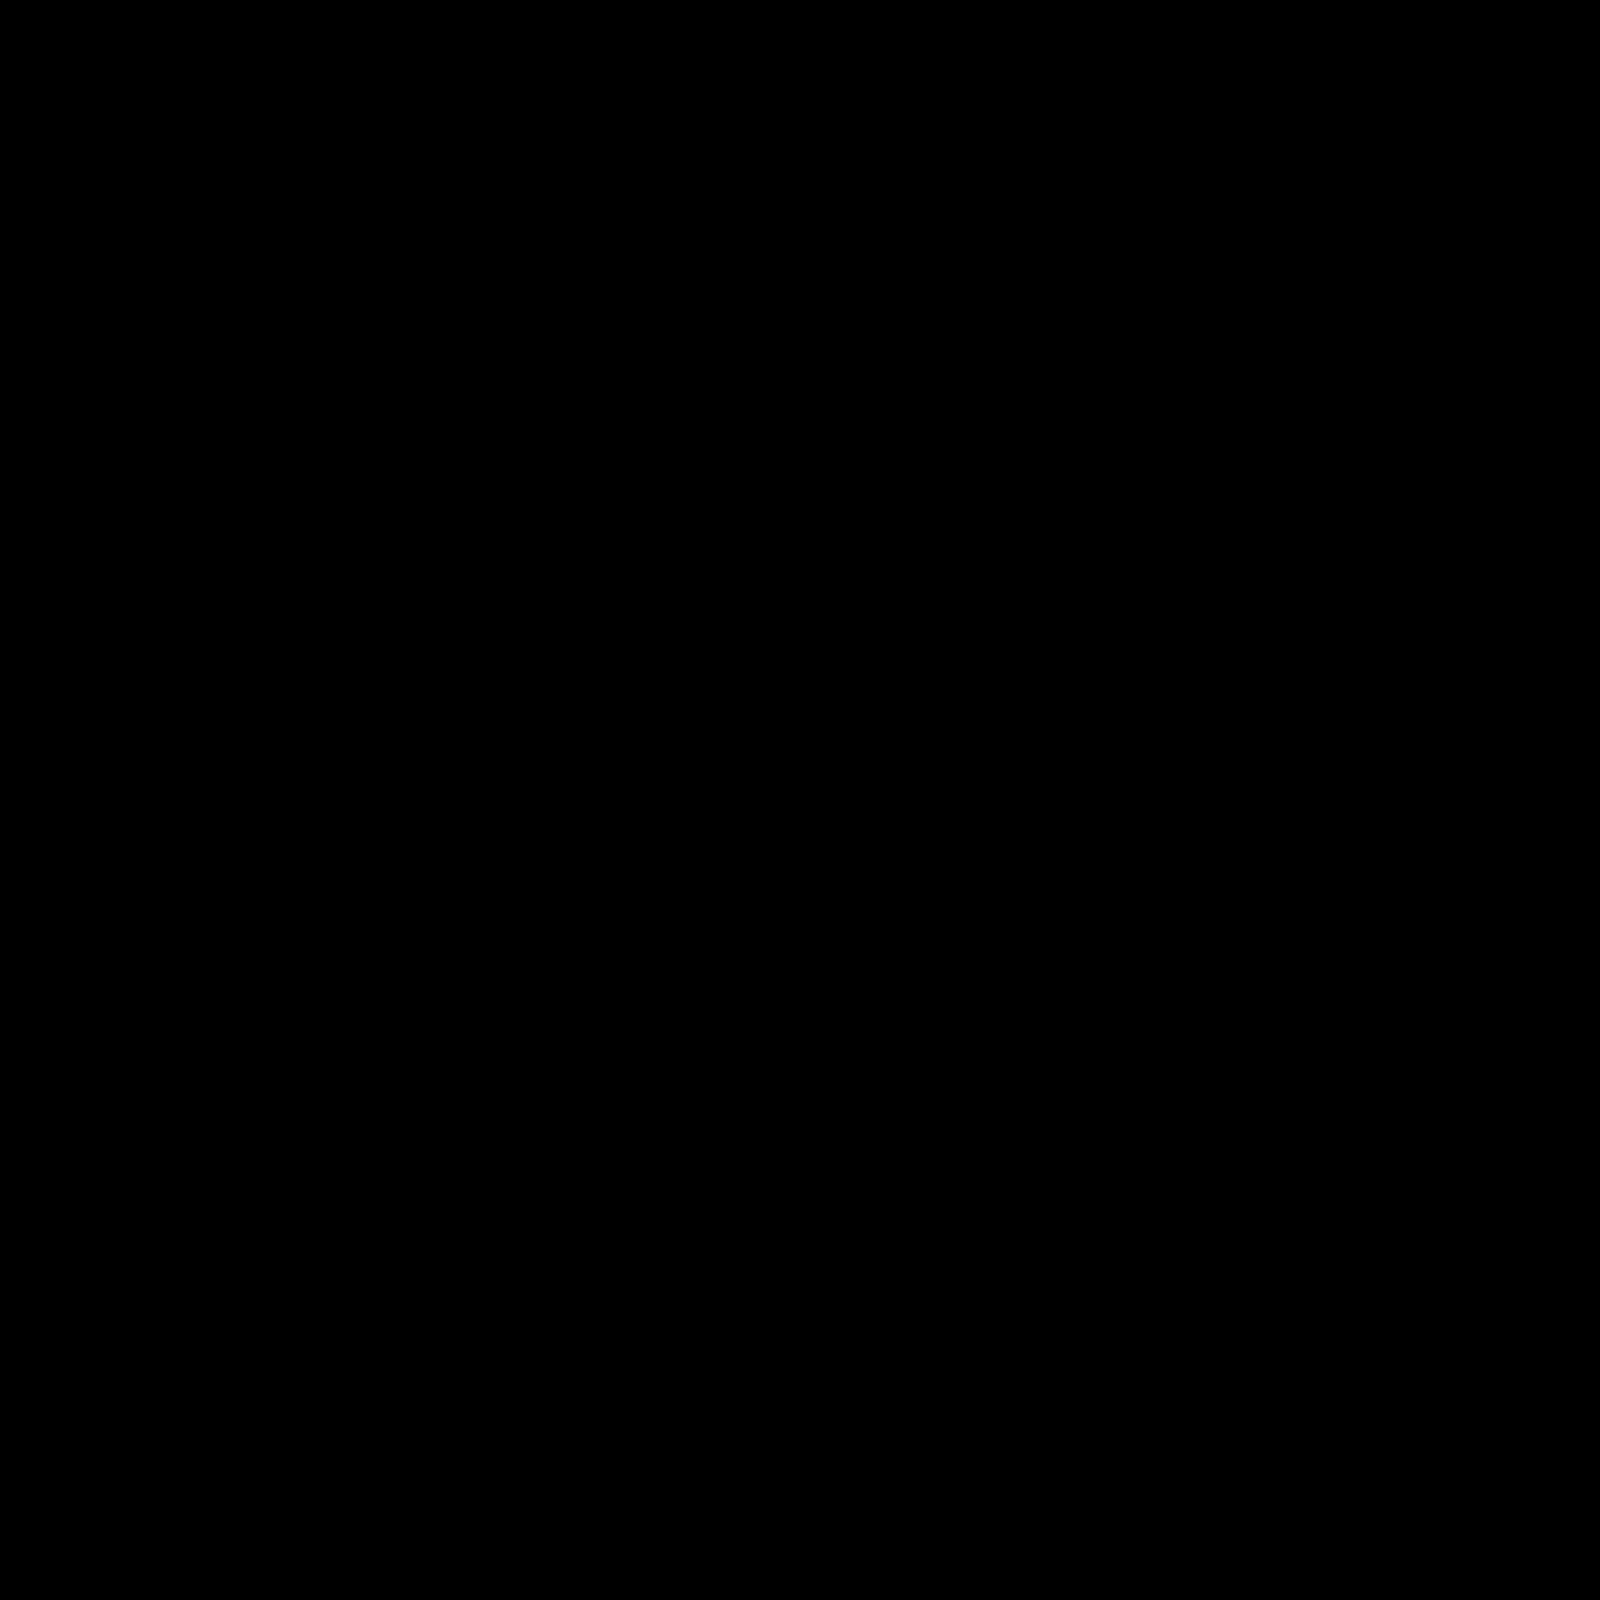 Vb png 2 » PNG Image.